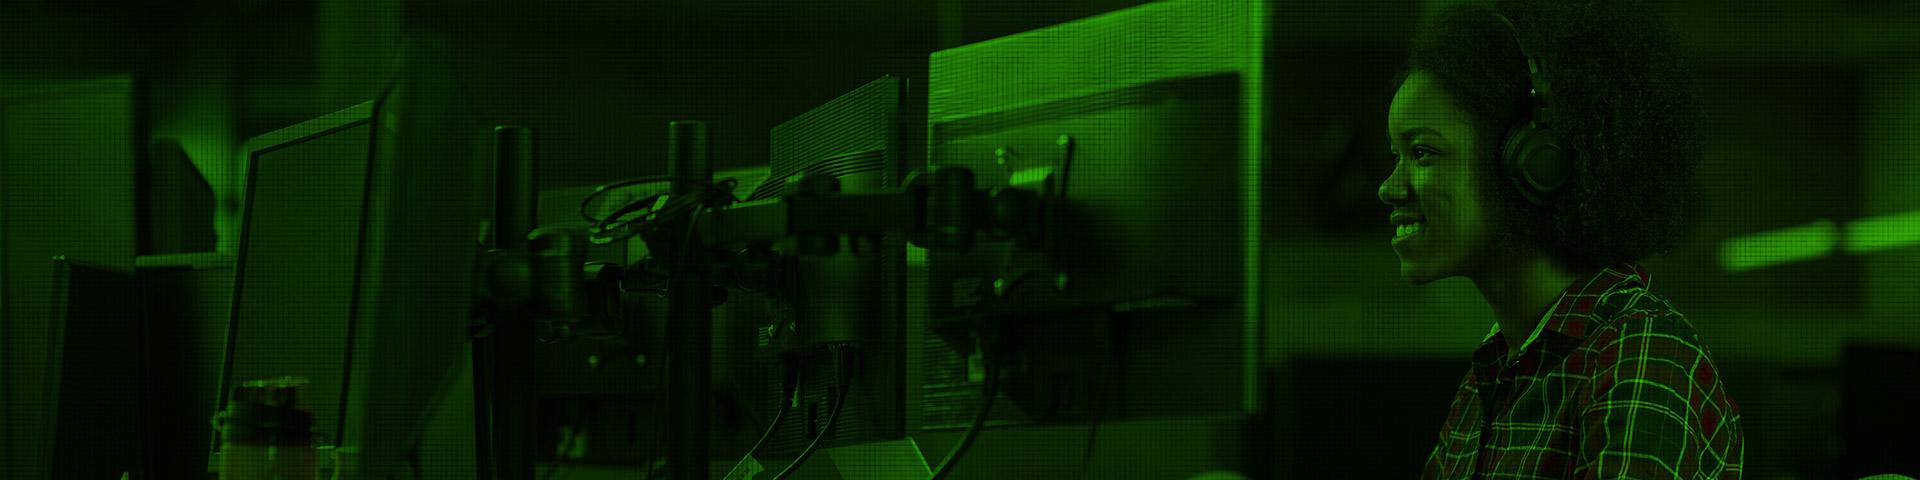 TechTeamOne: Green Tech Support